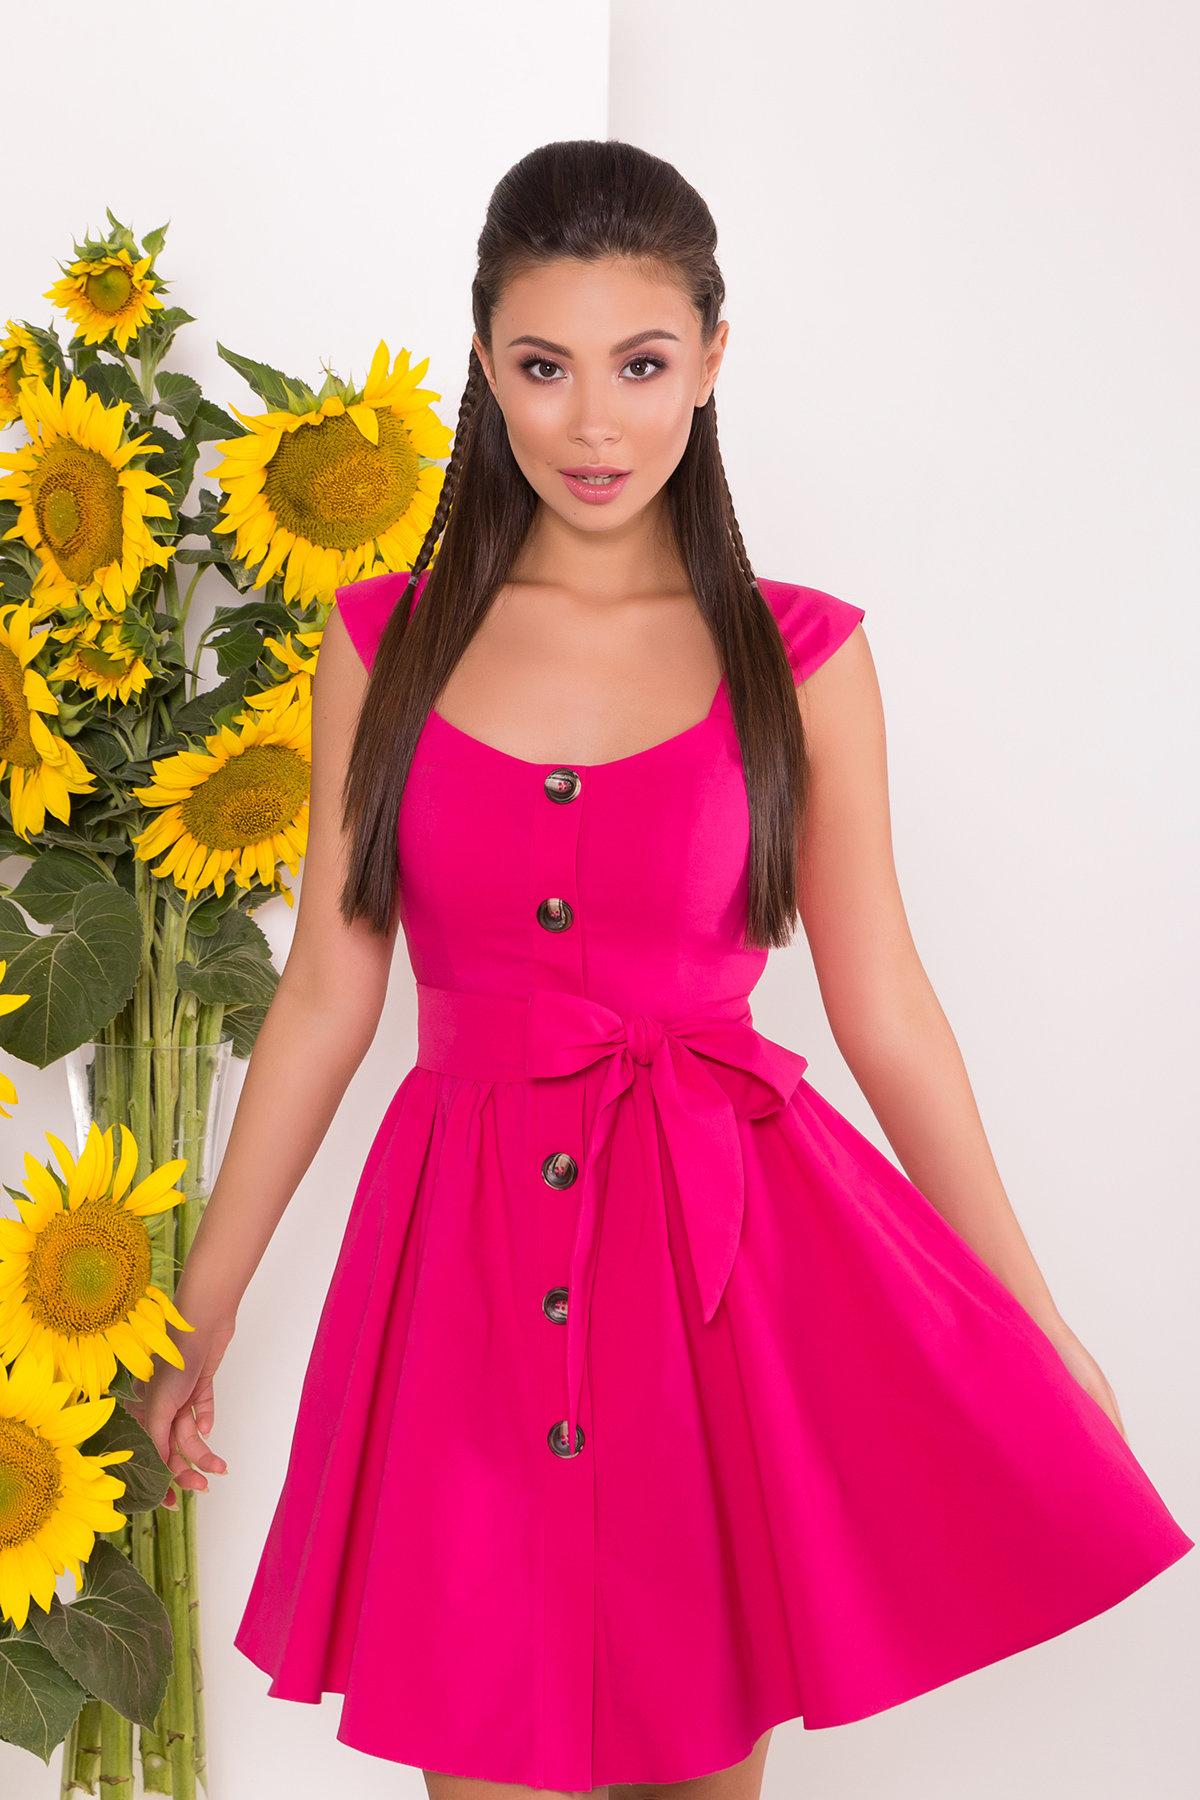 Платье Джонни 7413 АРТ. 43543 Цвет: Коралл - фото 3, интернет магазин tm-modus.ru